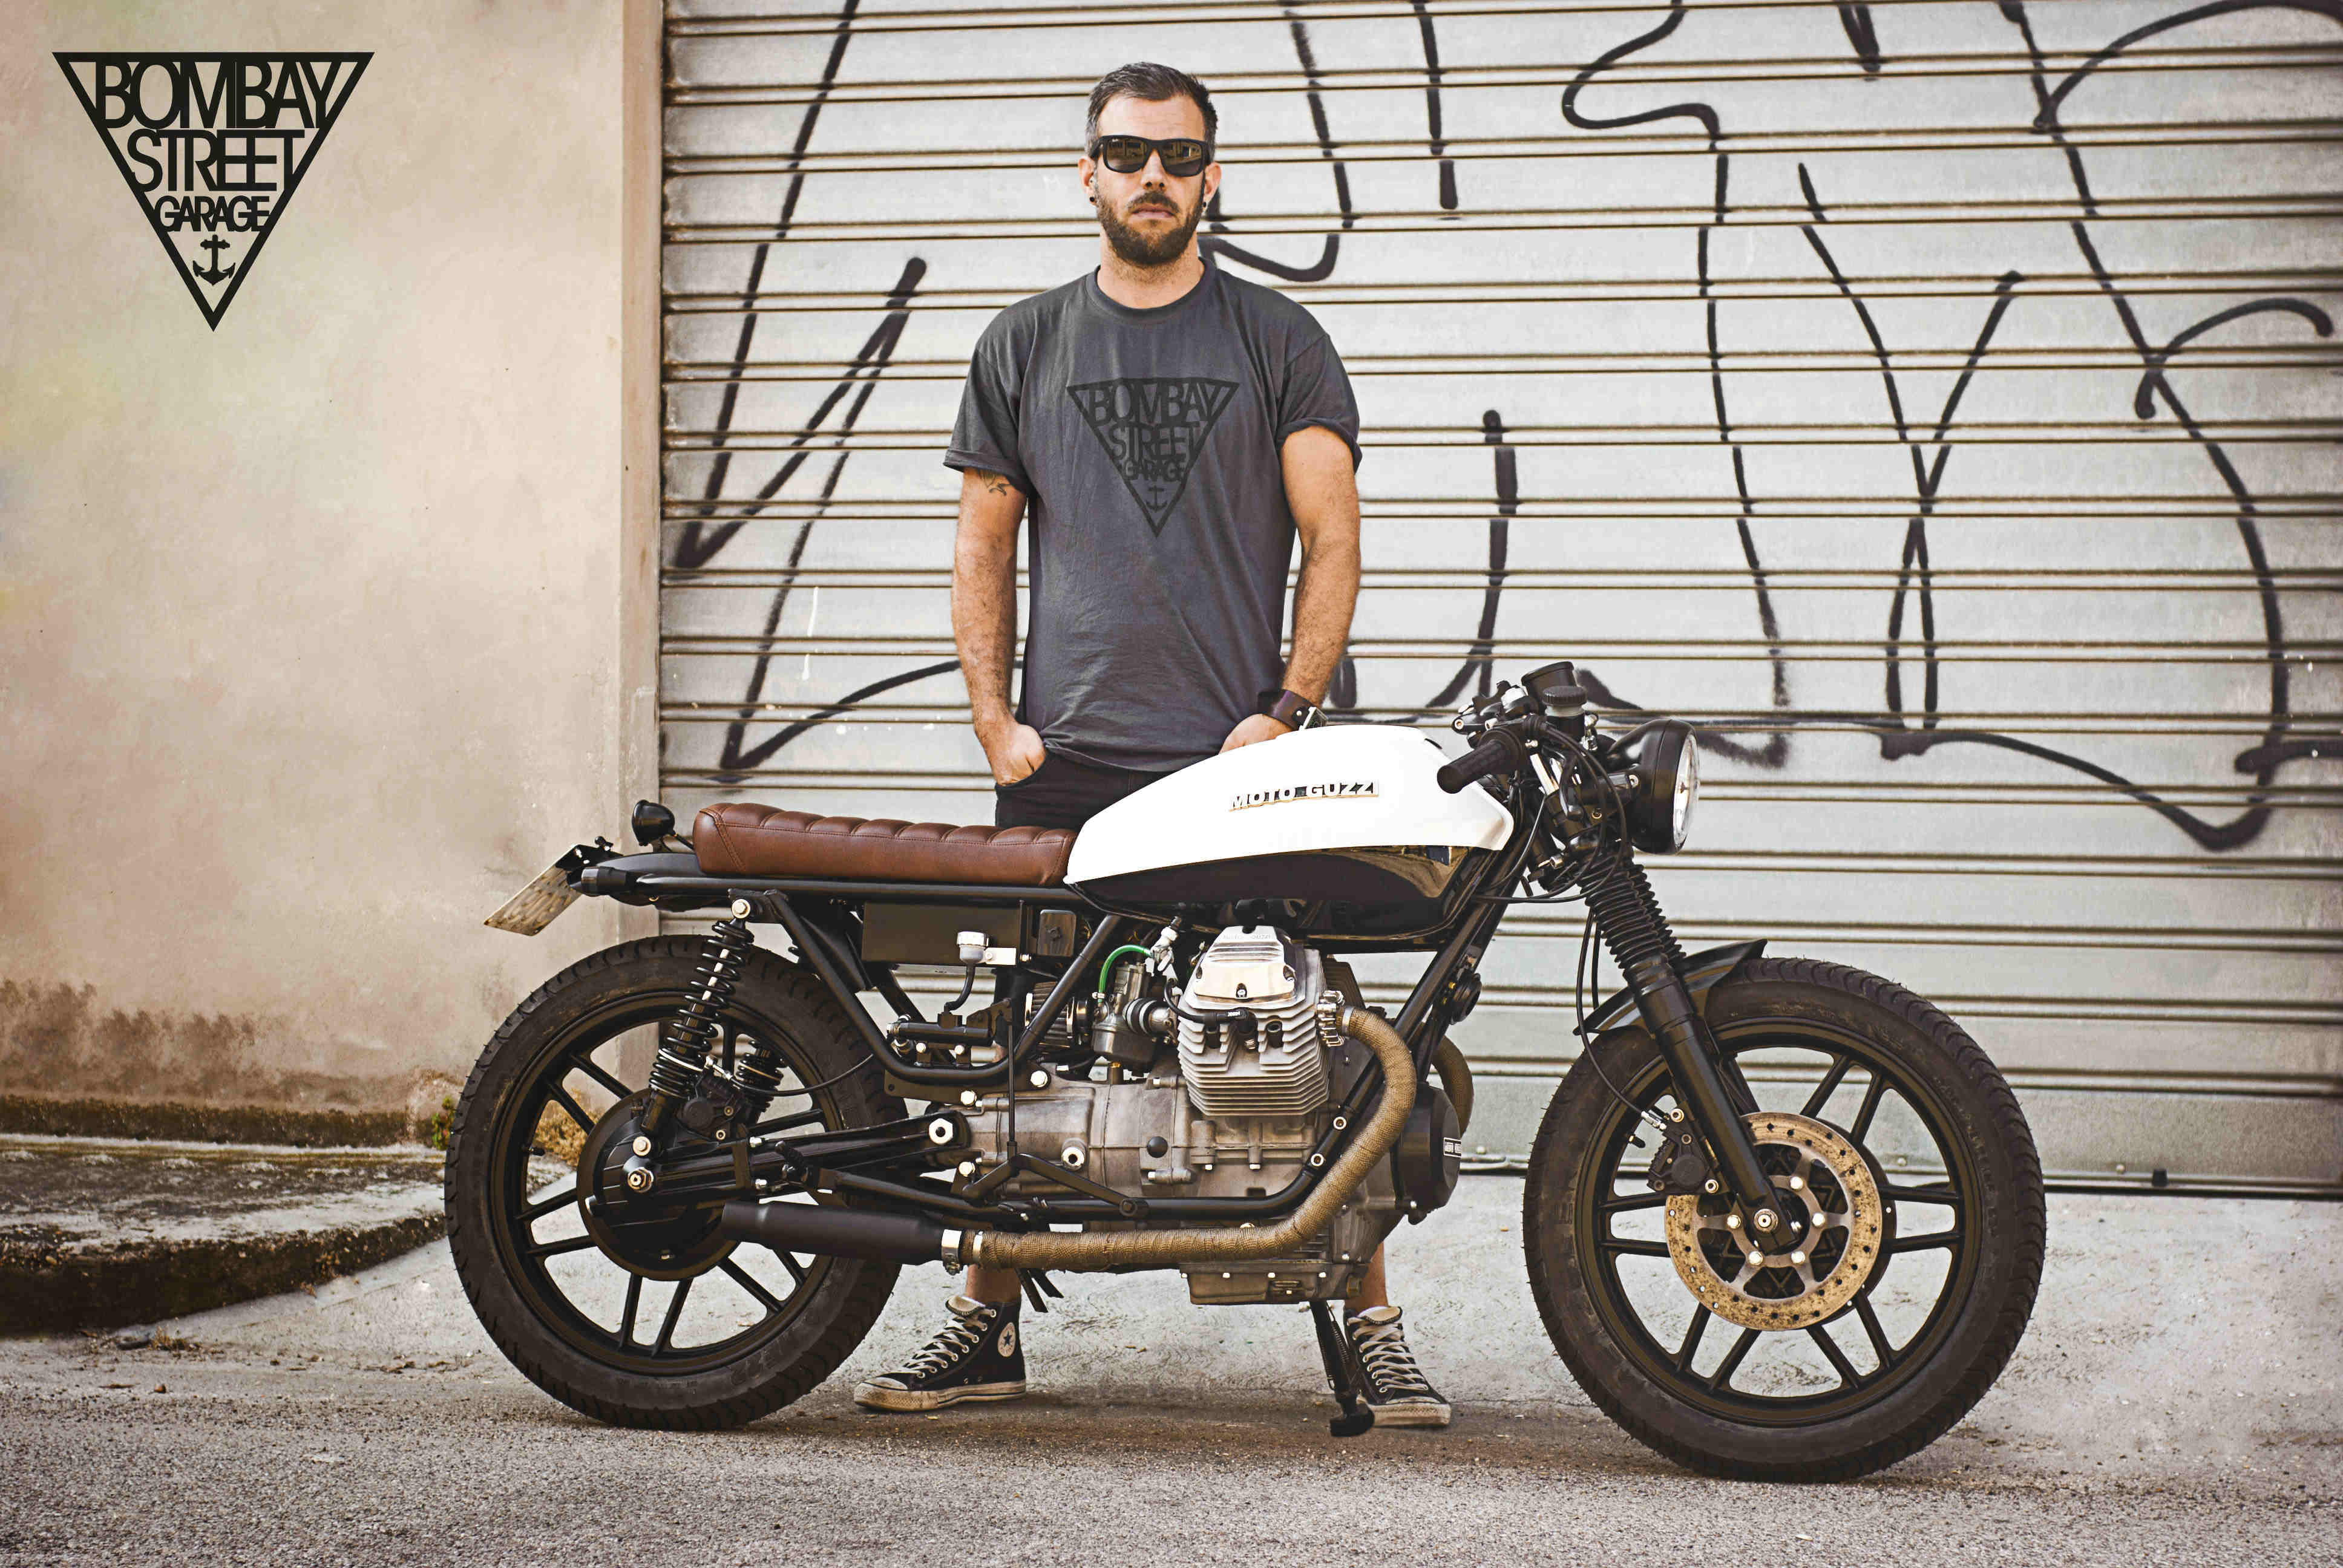 Moto Guzzi V35 Bombay Garage 8